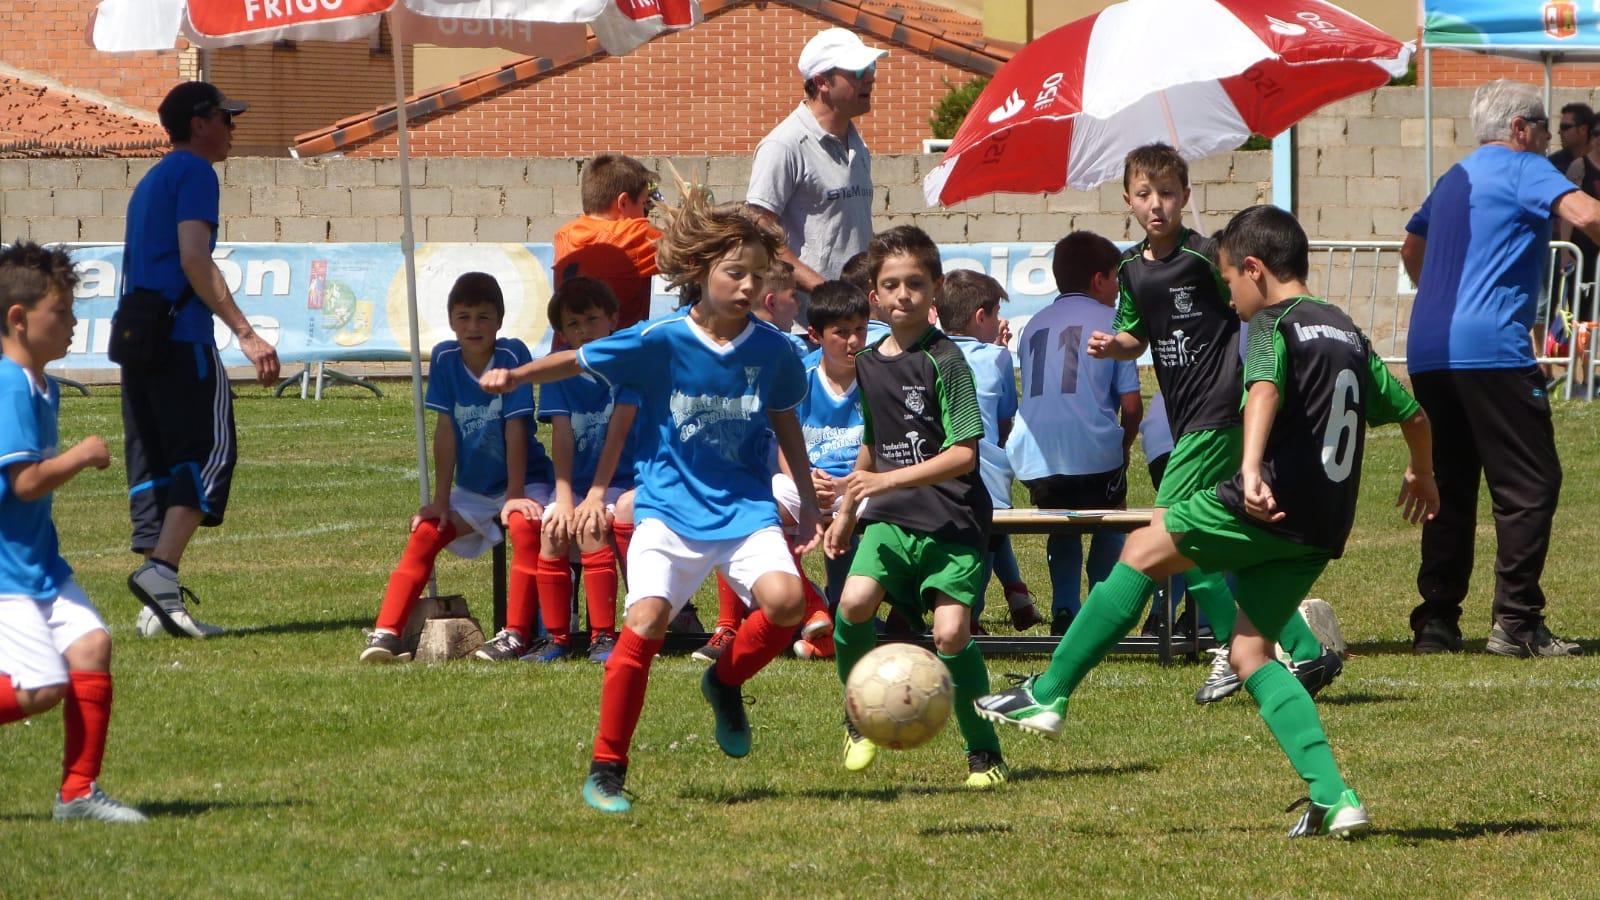 Unos 600 jóvenes participan en el torneo de fútbol 7 de Salas de los Infantes